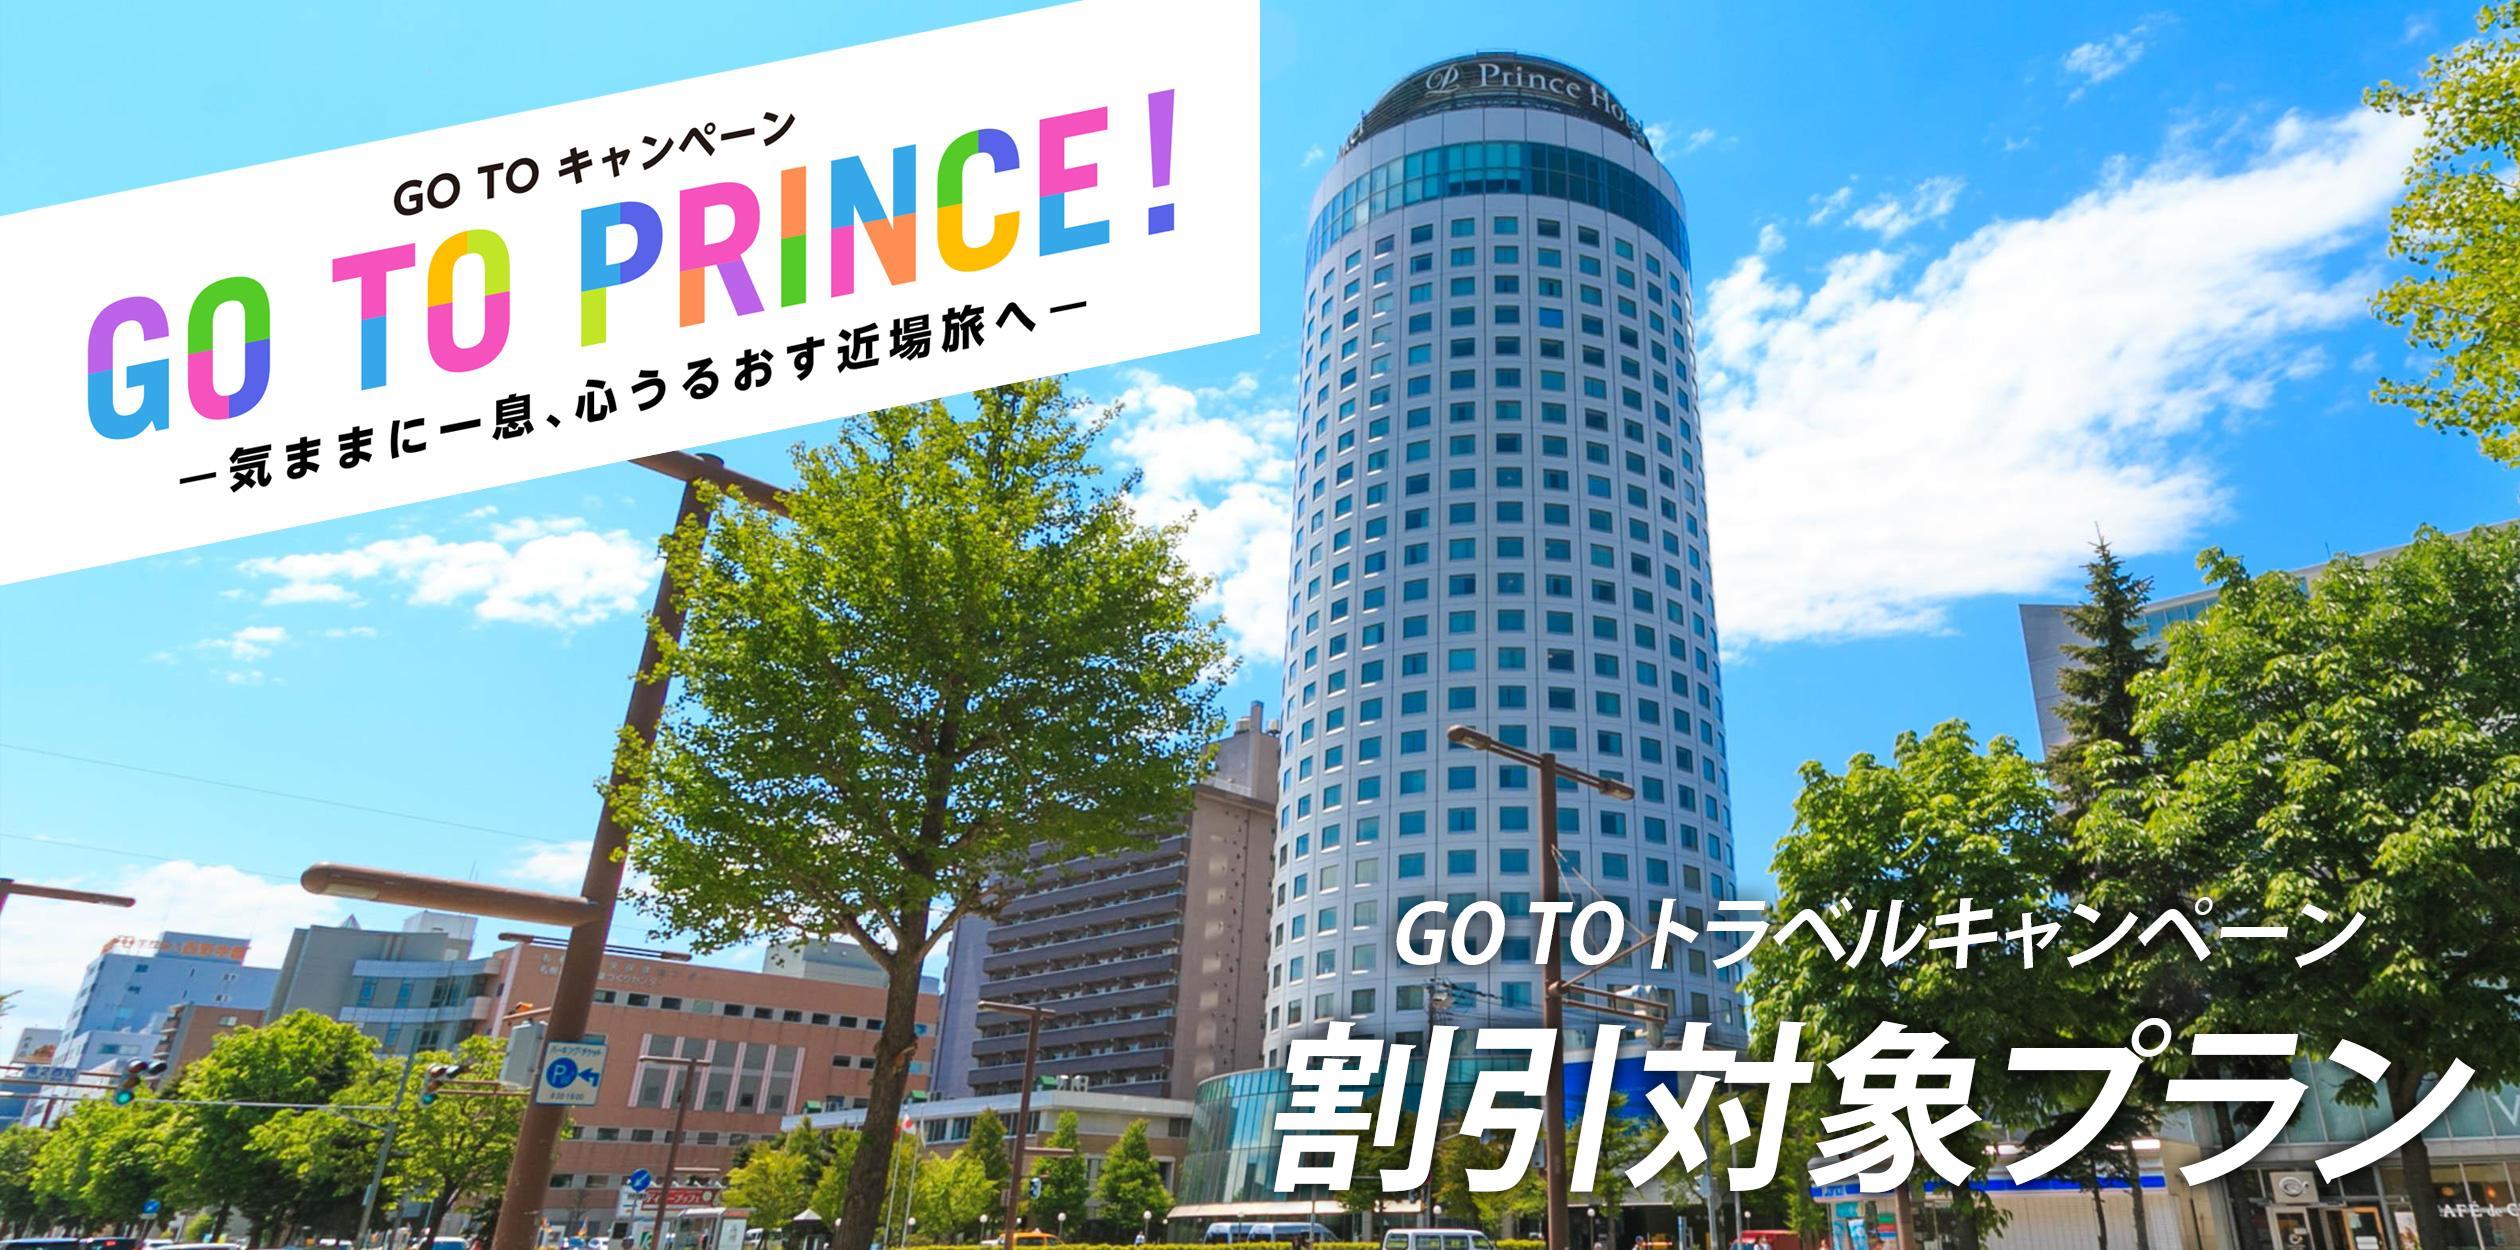 札幌プリンスホテル GoToトラベルキャンペーン割引対象プラン ...